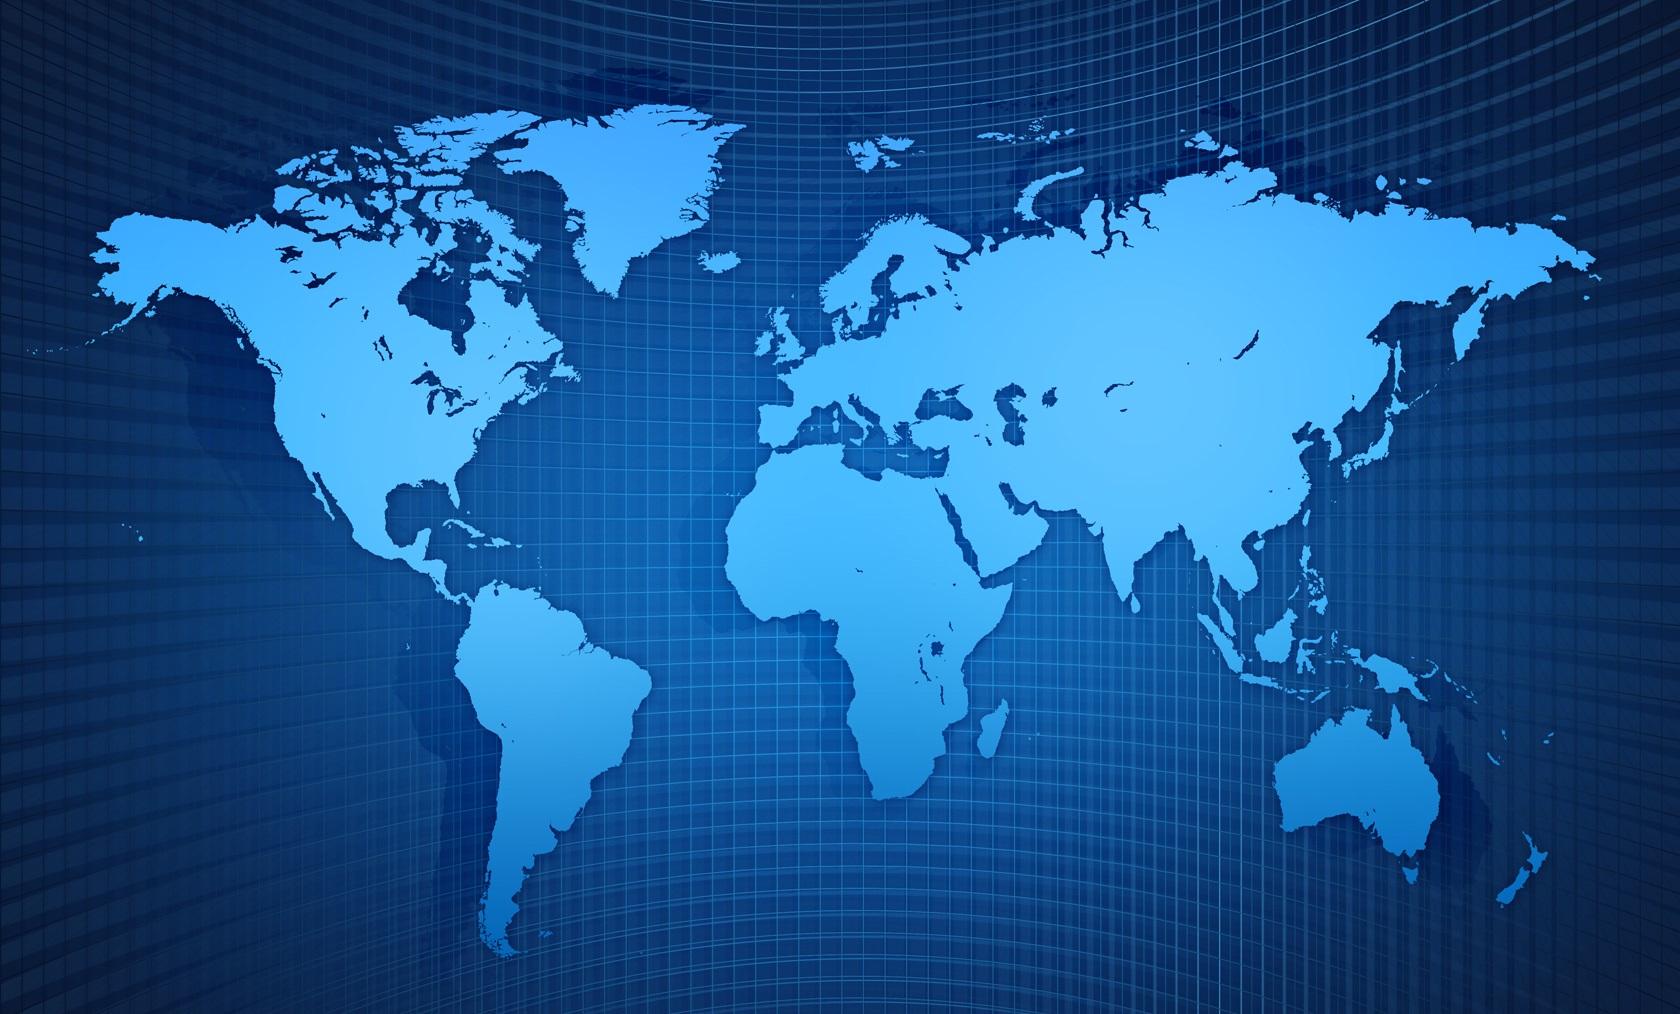 جهان در هفتهای که گذشت؛ نیت شوم ترامپ در قبال ایران/ کودتای سفید نقشه جدید واشنگتن در قبال عراق